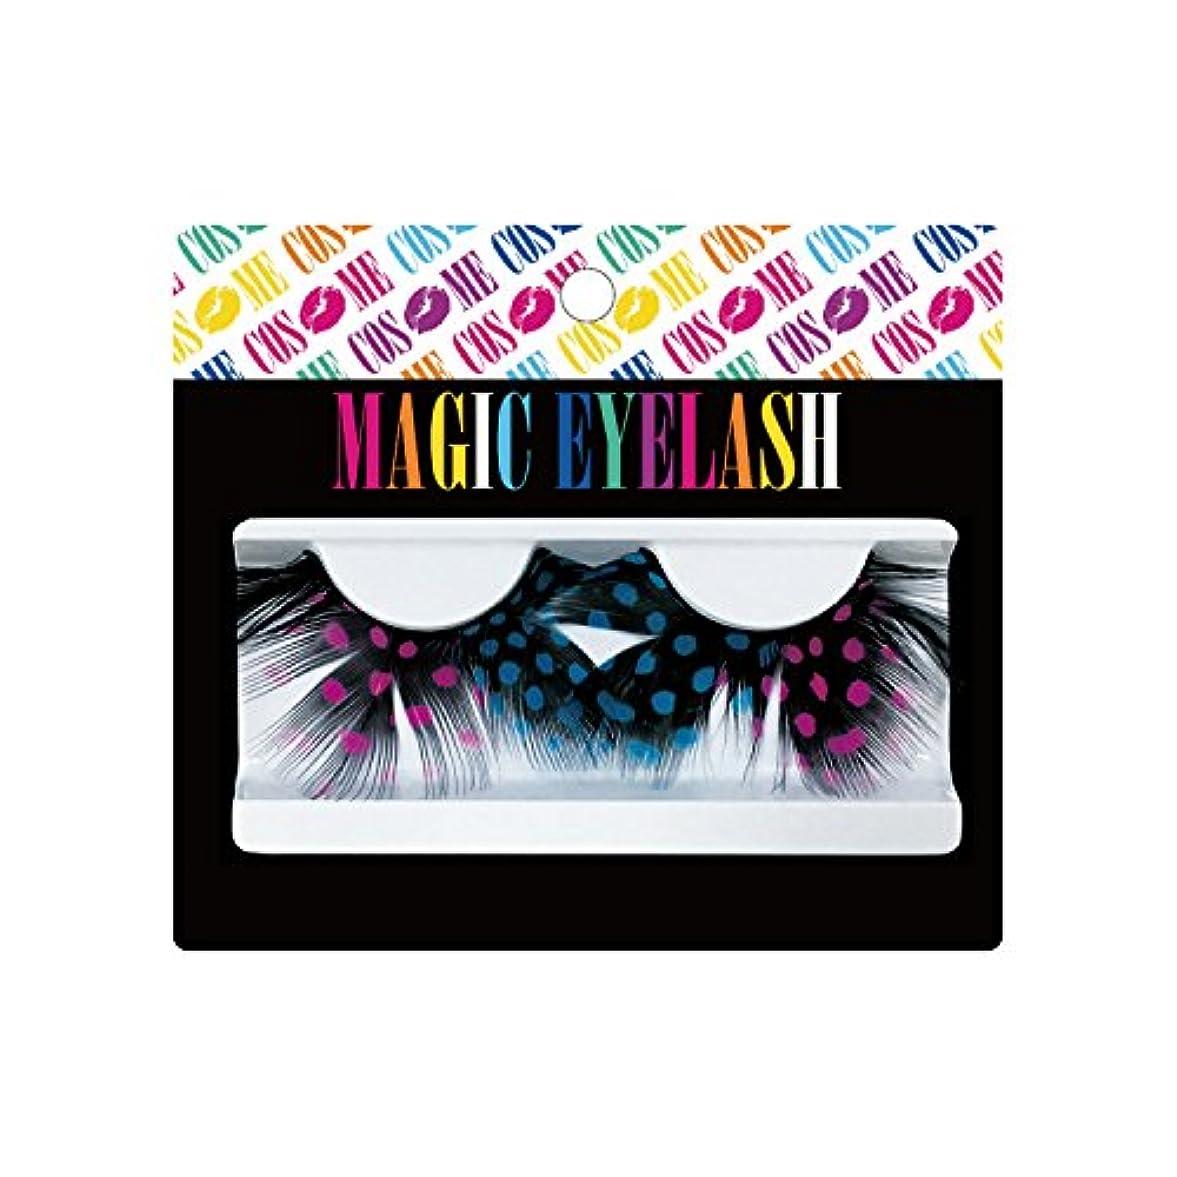 成熟した役割液化するピュア つけまつげ MAGIC EYELASH マジック アイラッシュ #8